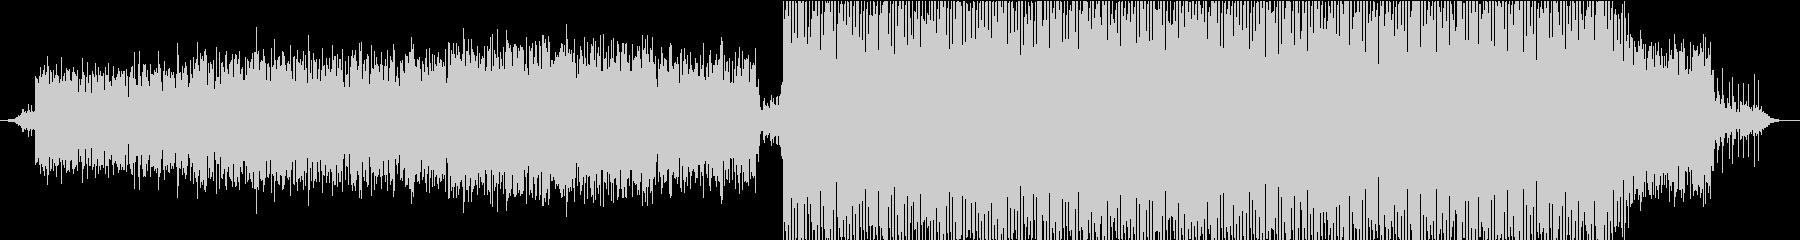 浮遊感のある序盤〜エレクトロに展開する曲の未再生の波形